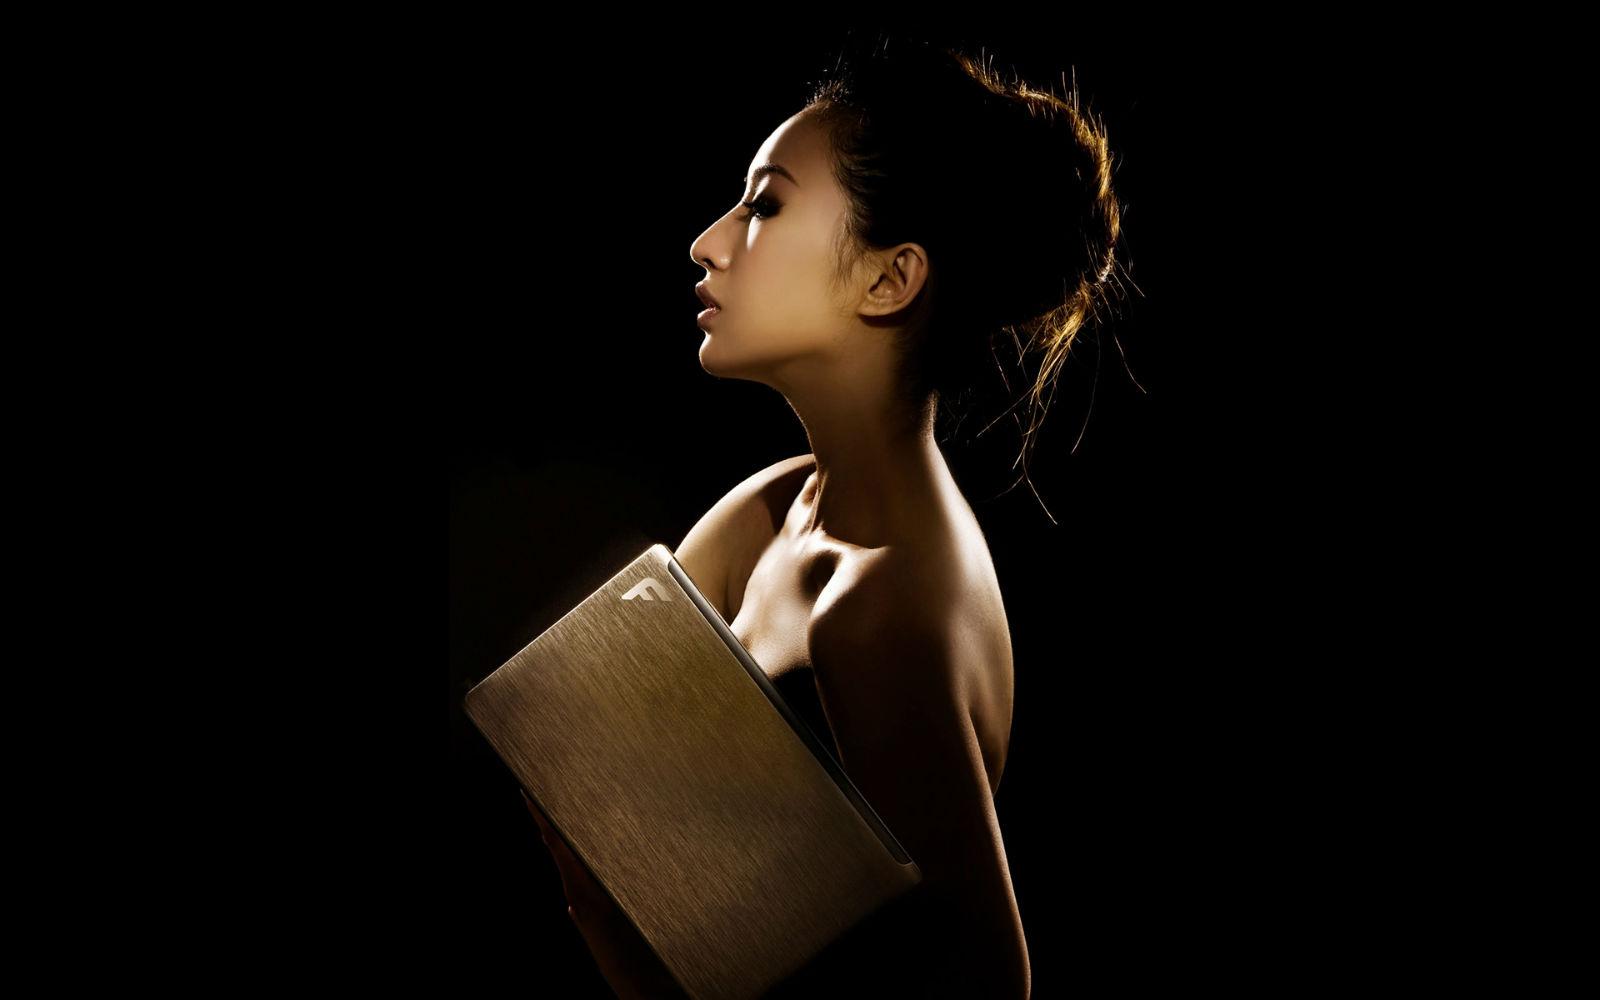 给力美女壁纸满足你的一切需求